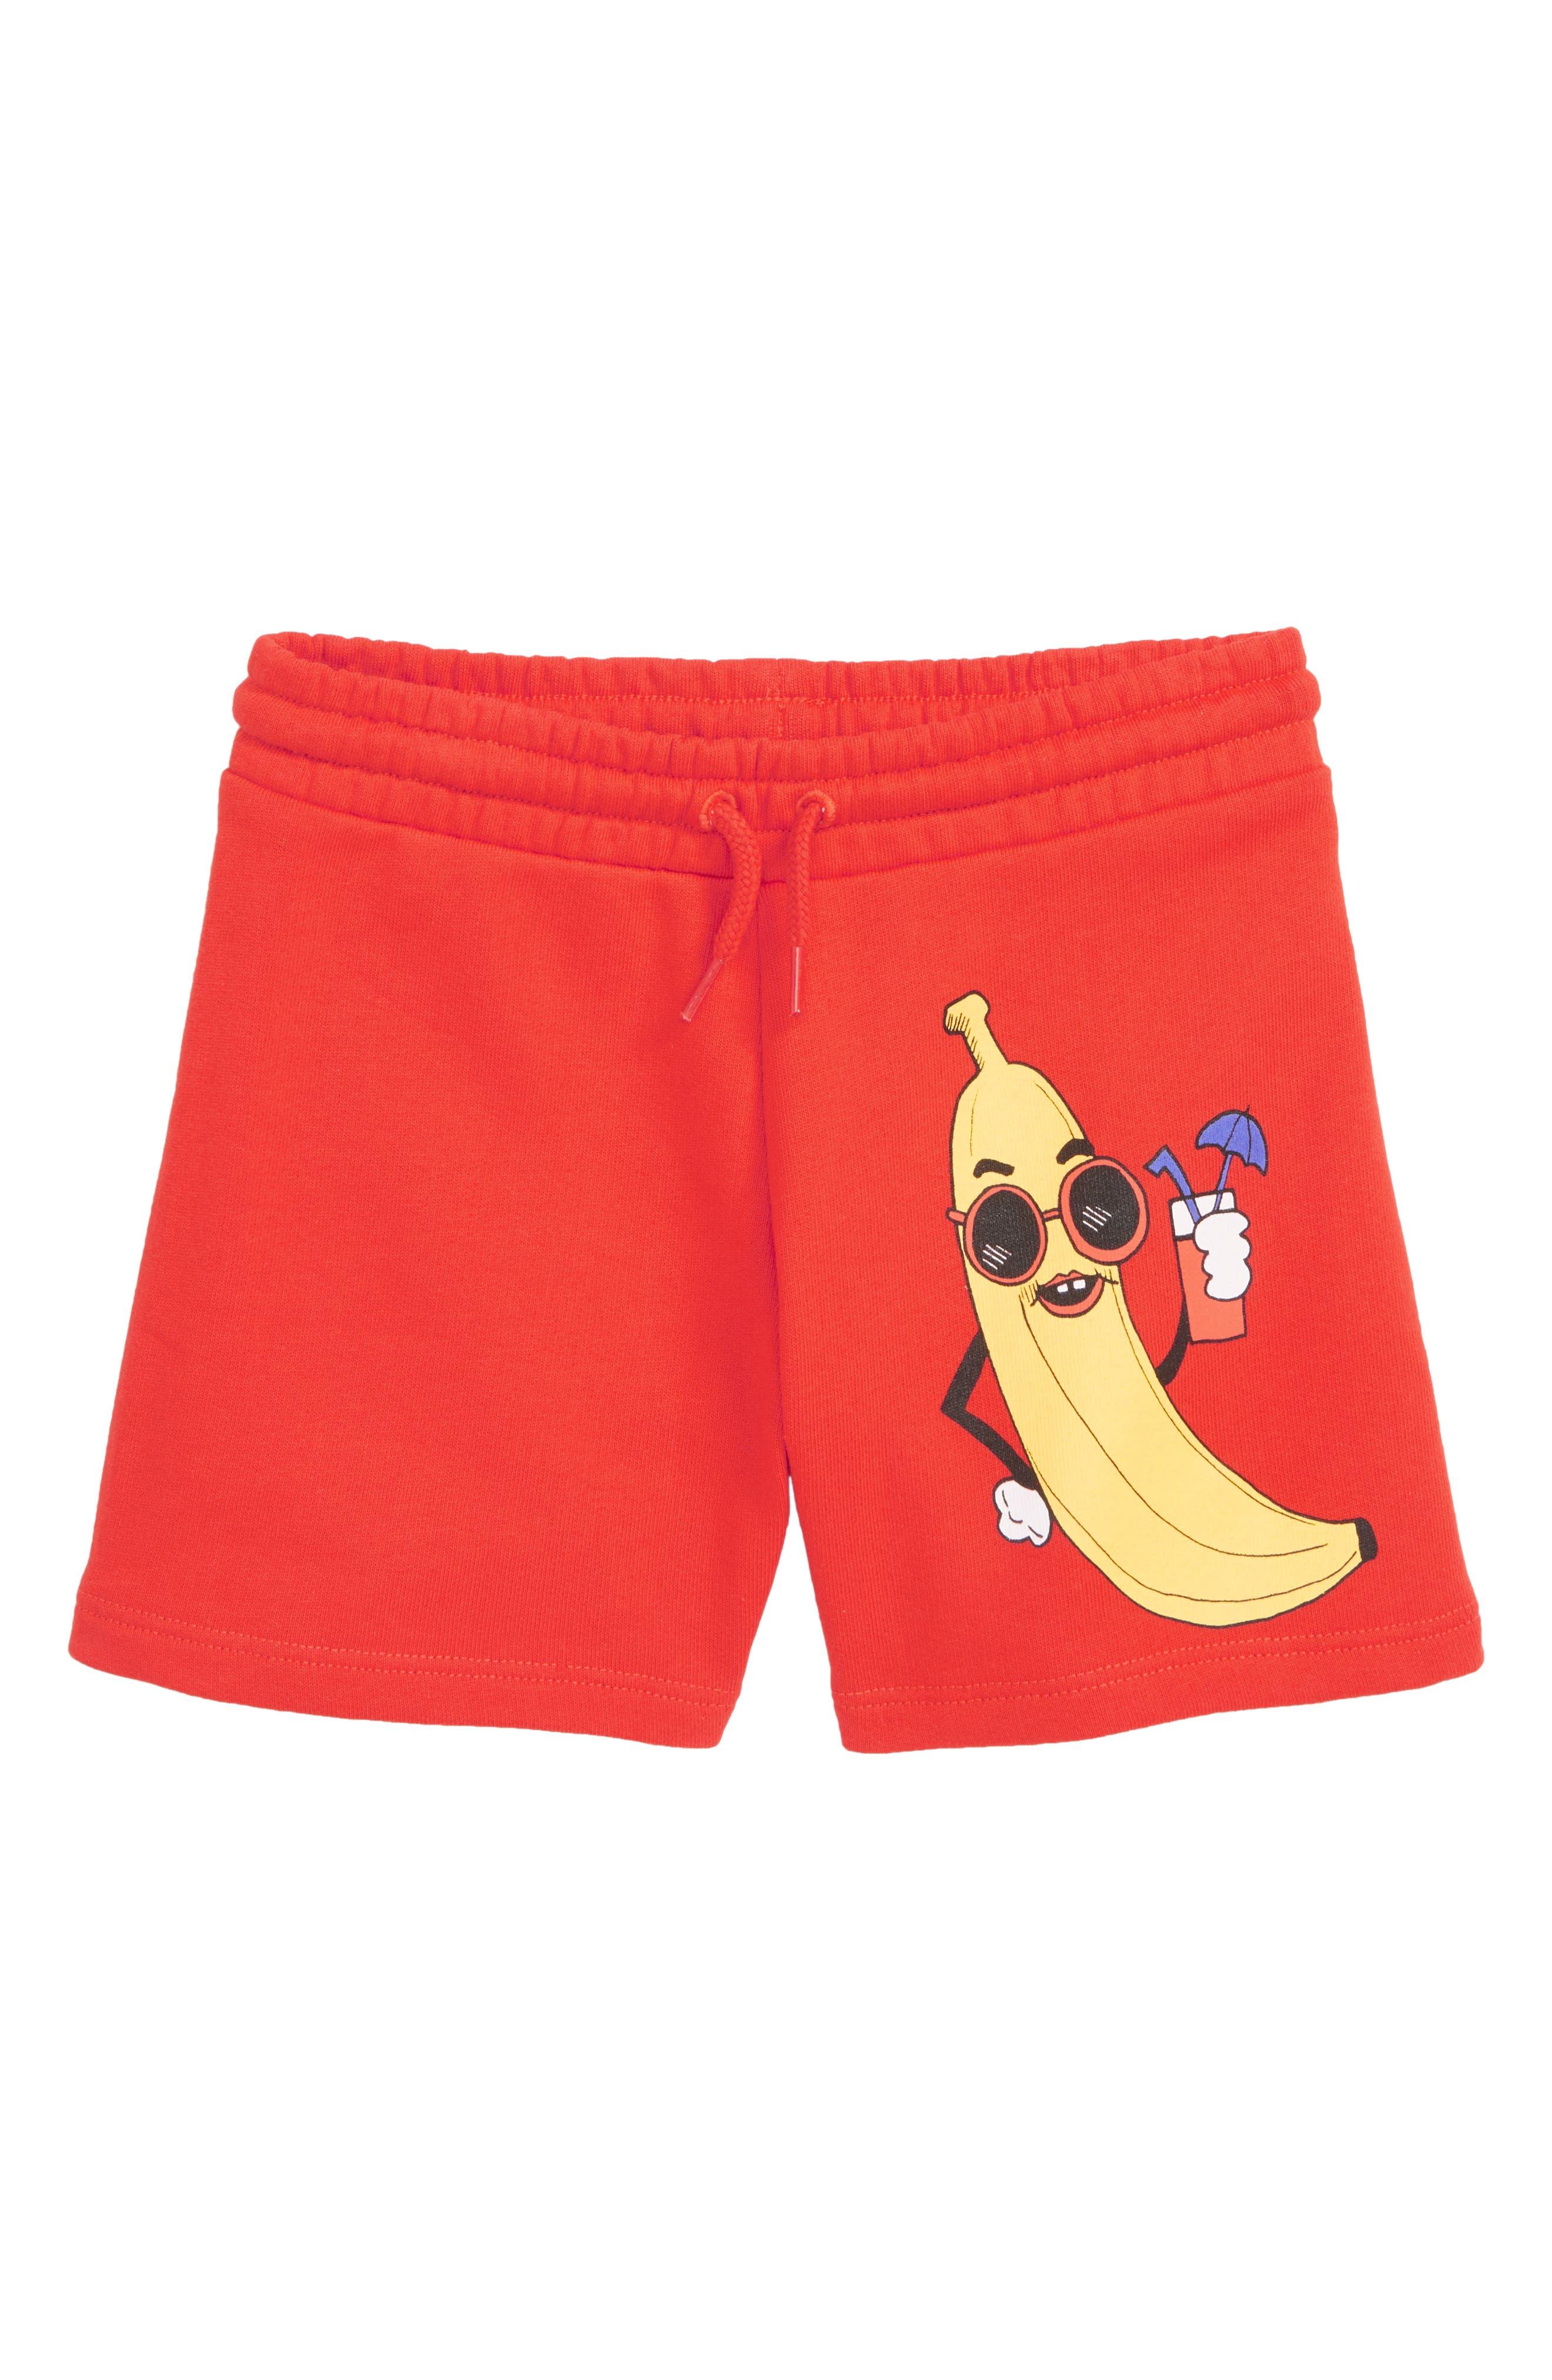 MINI RODINI,                             Banana Sweat Shorts,                             Main thumbnail 1, color,                             RED